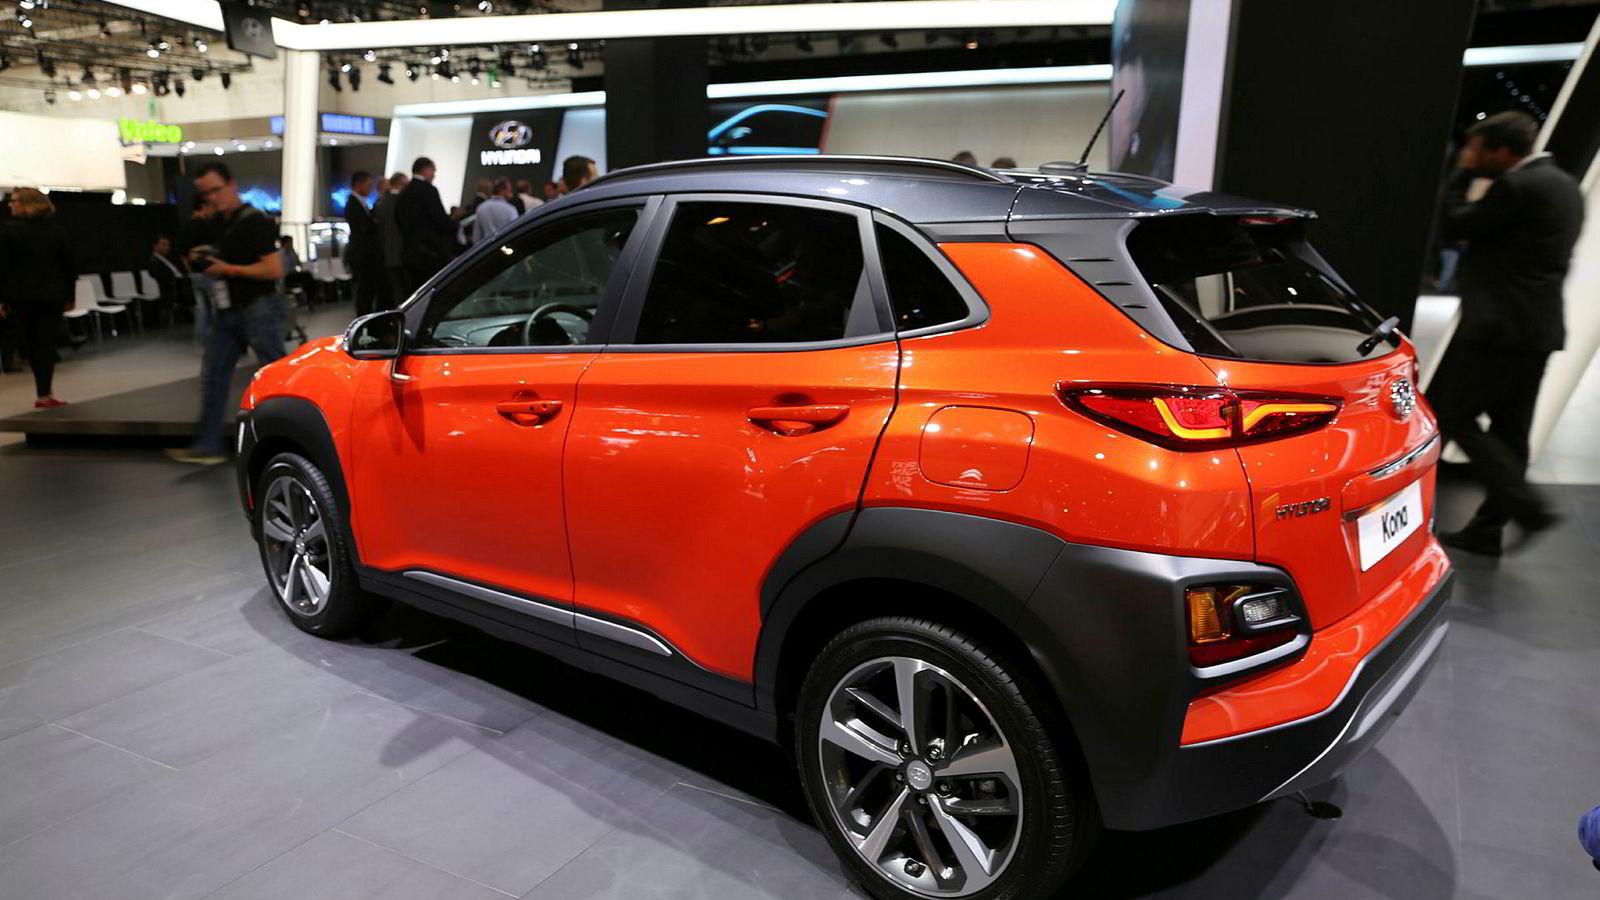 Hyundai Kona er ennå ikke vist i elektrisk versjon, men å kombinere elbil med suv er sannsynligvis oppskriften på suksess i det norske markedet.